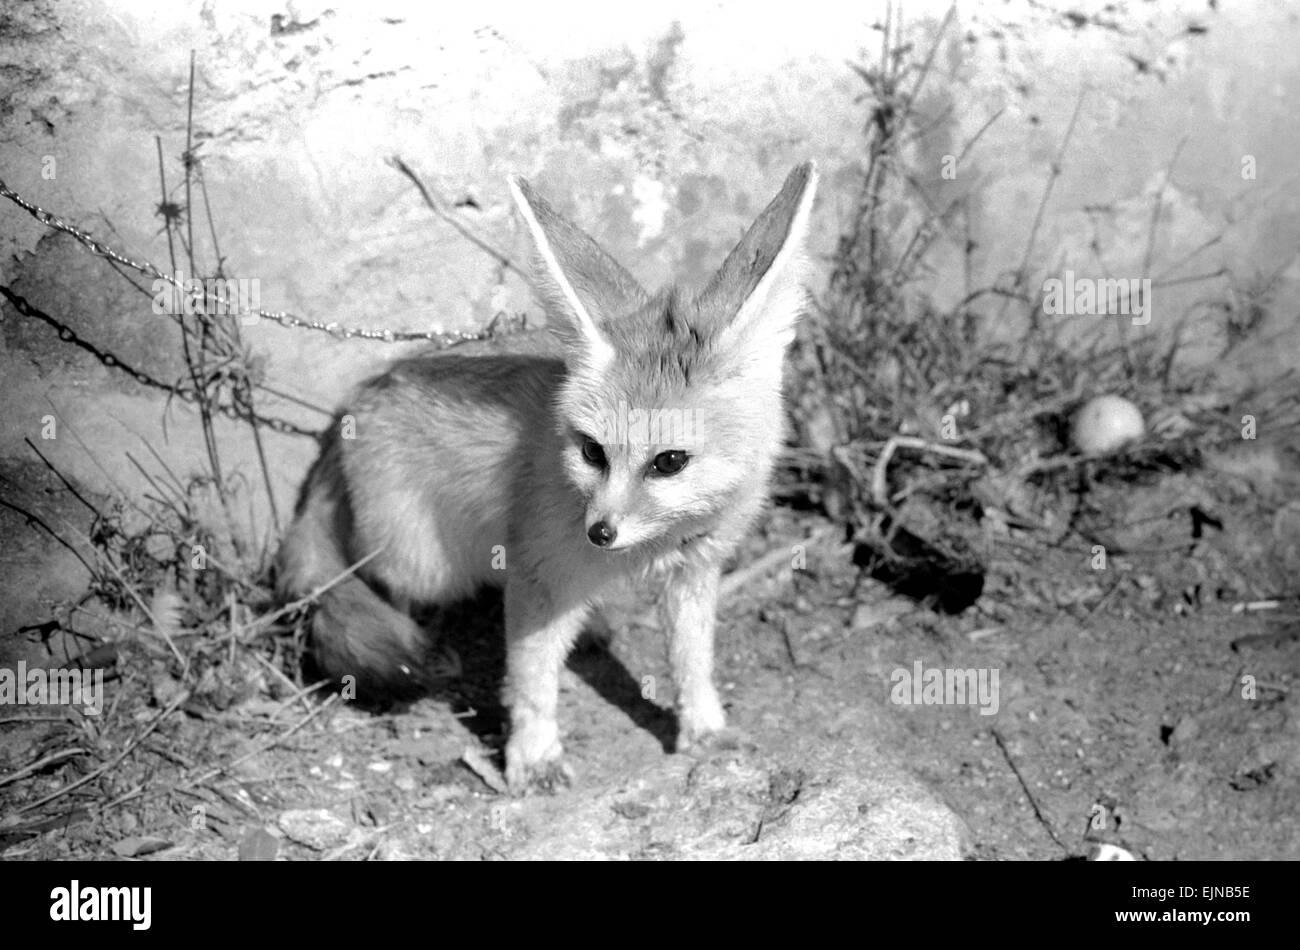 Rommella the desert fox February 1972 72-1465-029 - Stock Image